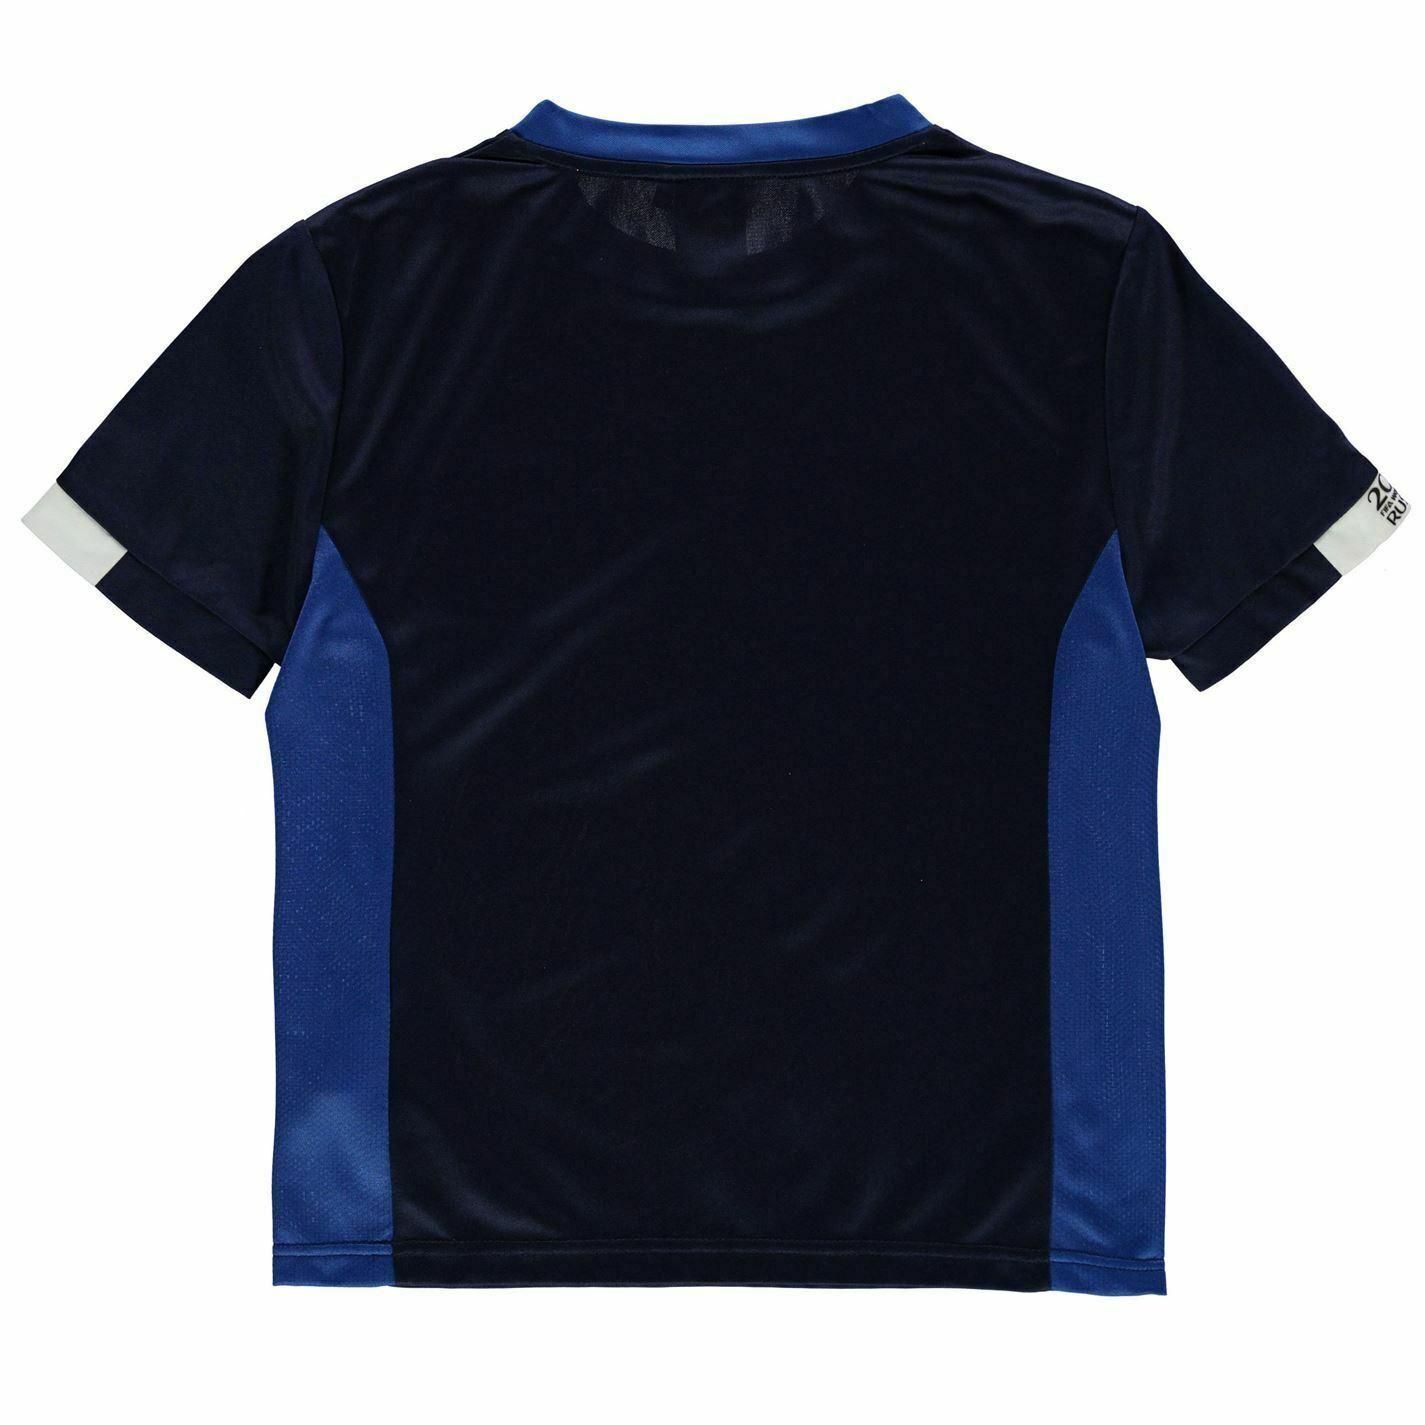 miniature 3 - FIFA Coupe du monde 2018 Angleterre T-Shirt Juniors FOOTBALL SOCCER top tee shirt